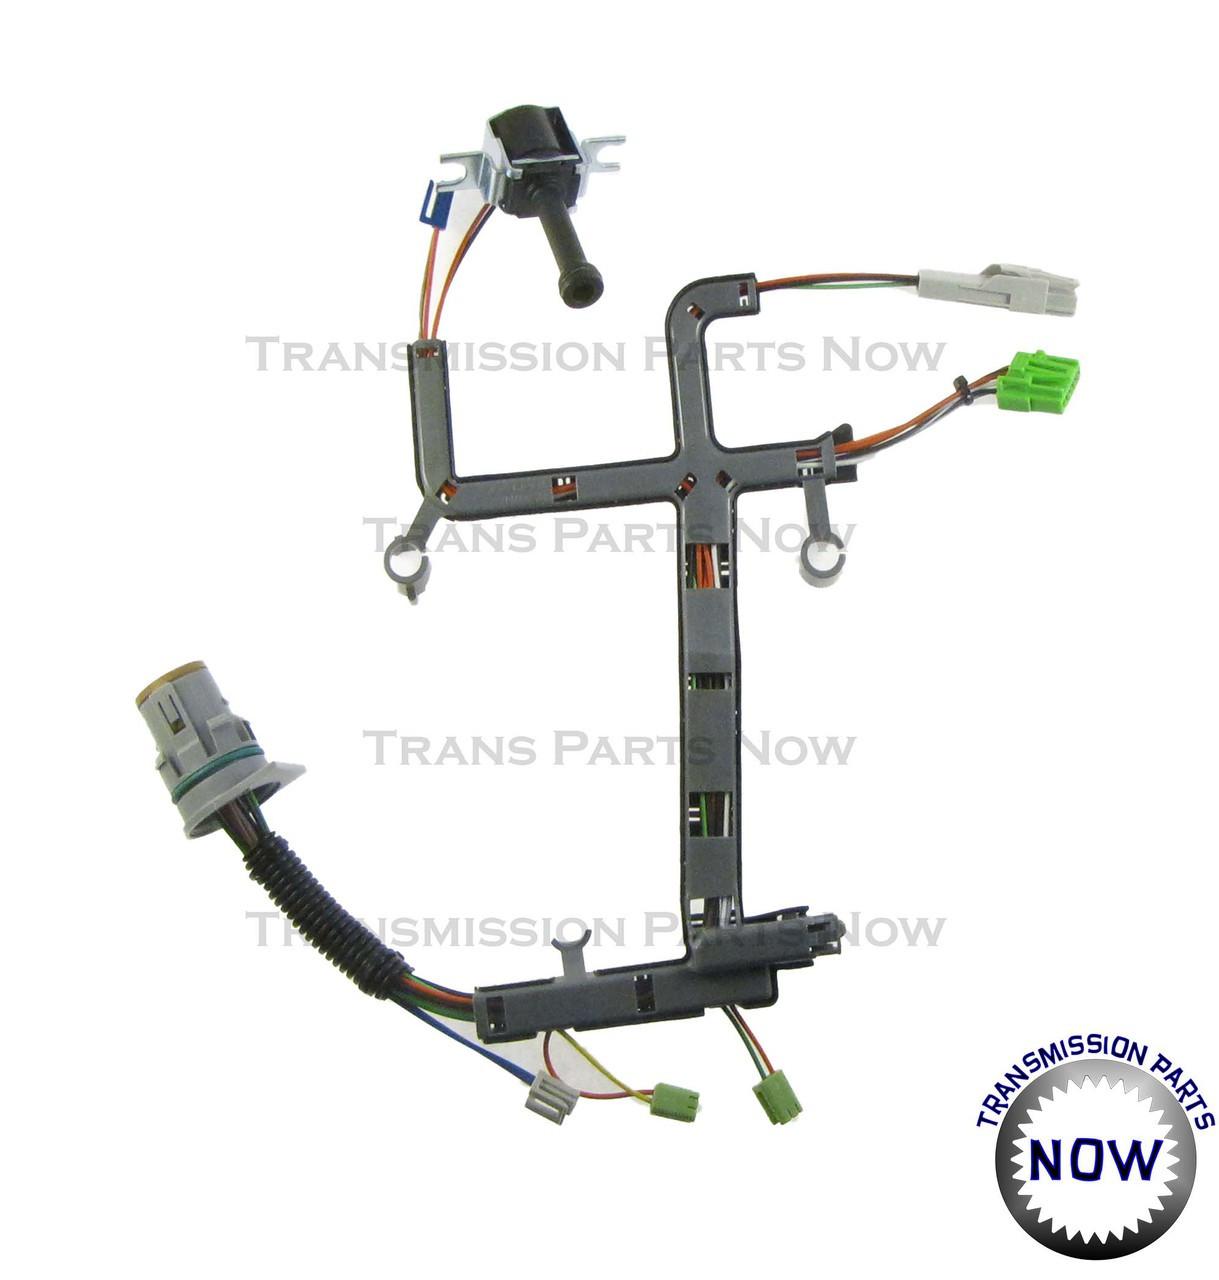 rostra 350 0152 4l65e 4l70e 2009 2012 wiring harness 4l65e wiring harness 4l65e wiring harness [ 1219 x 1280 Pixel ]